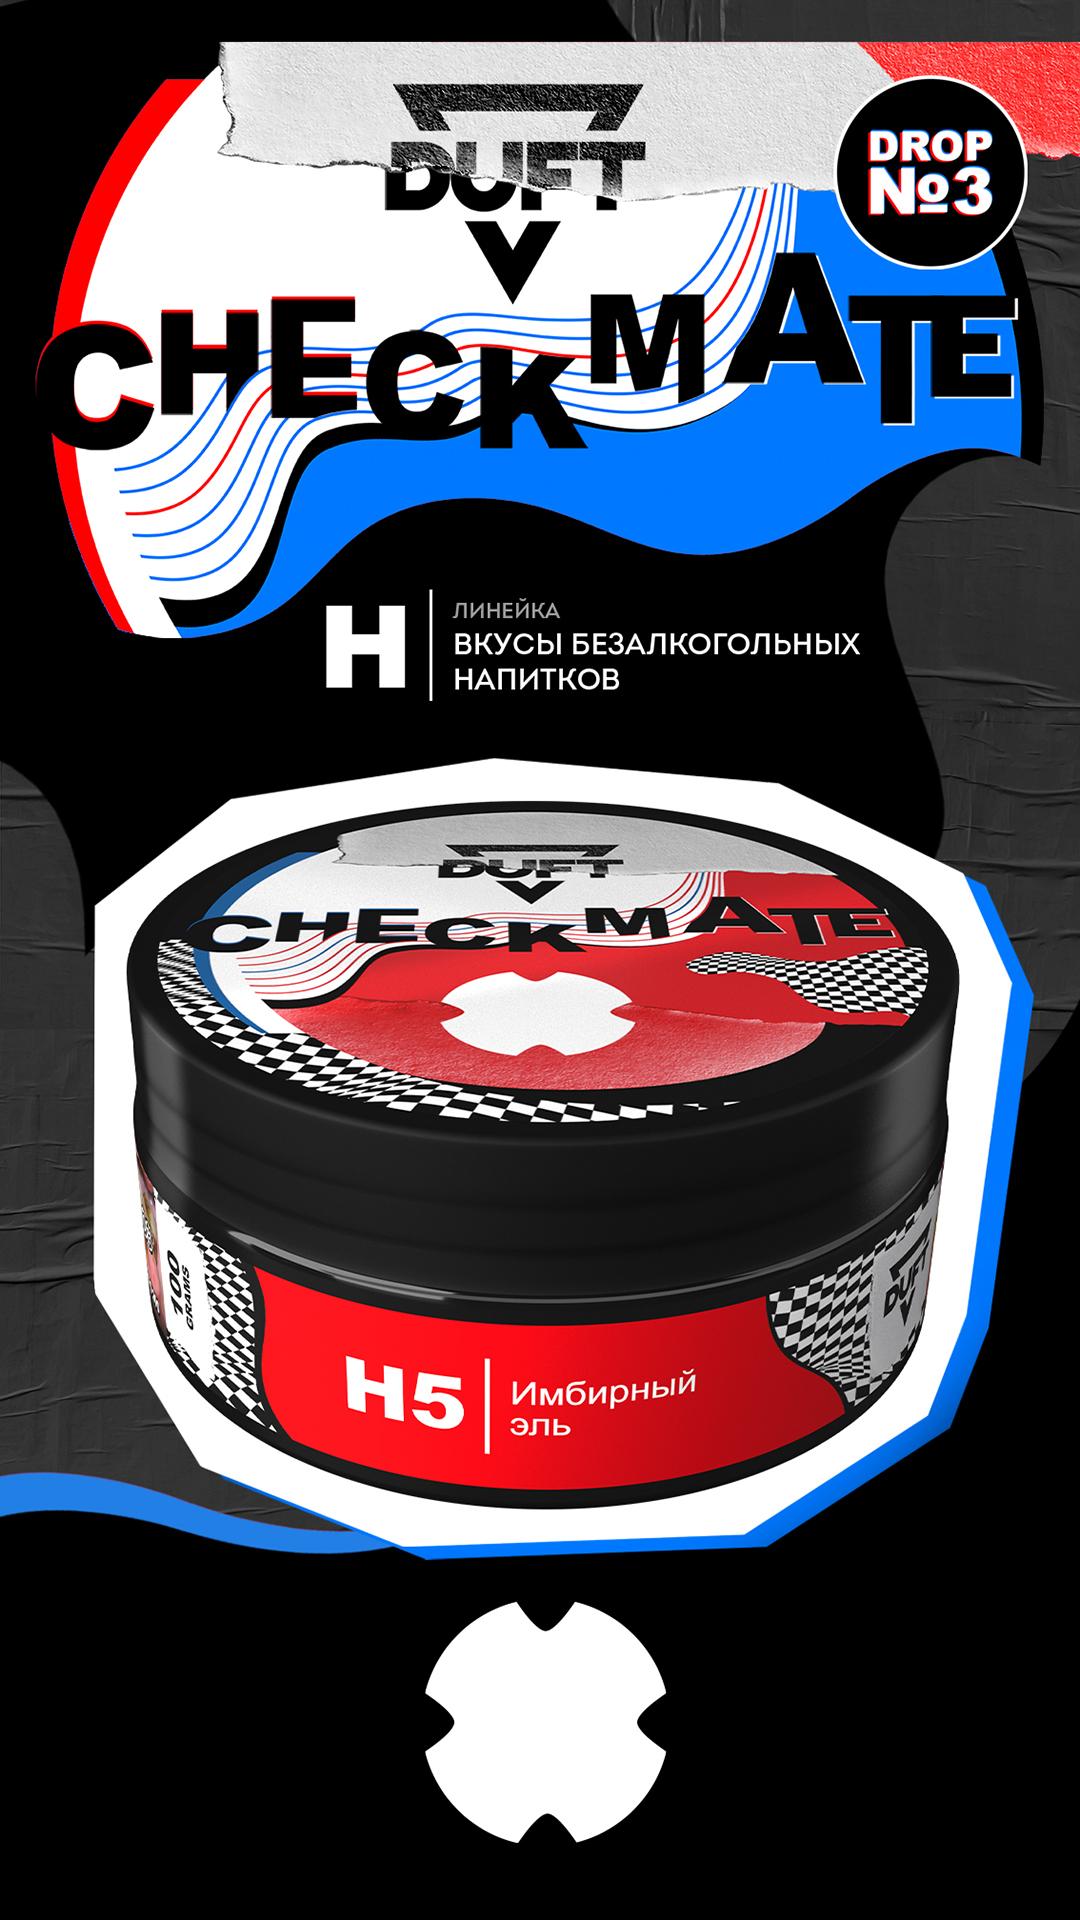 H5_3_дроп